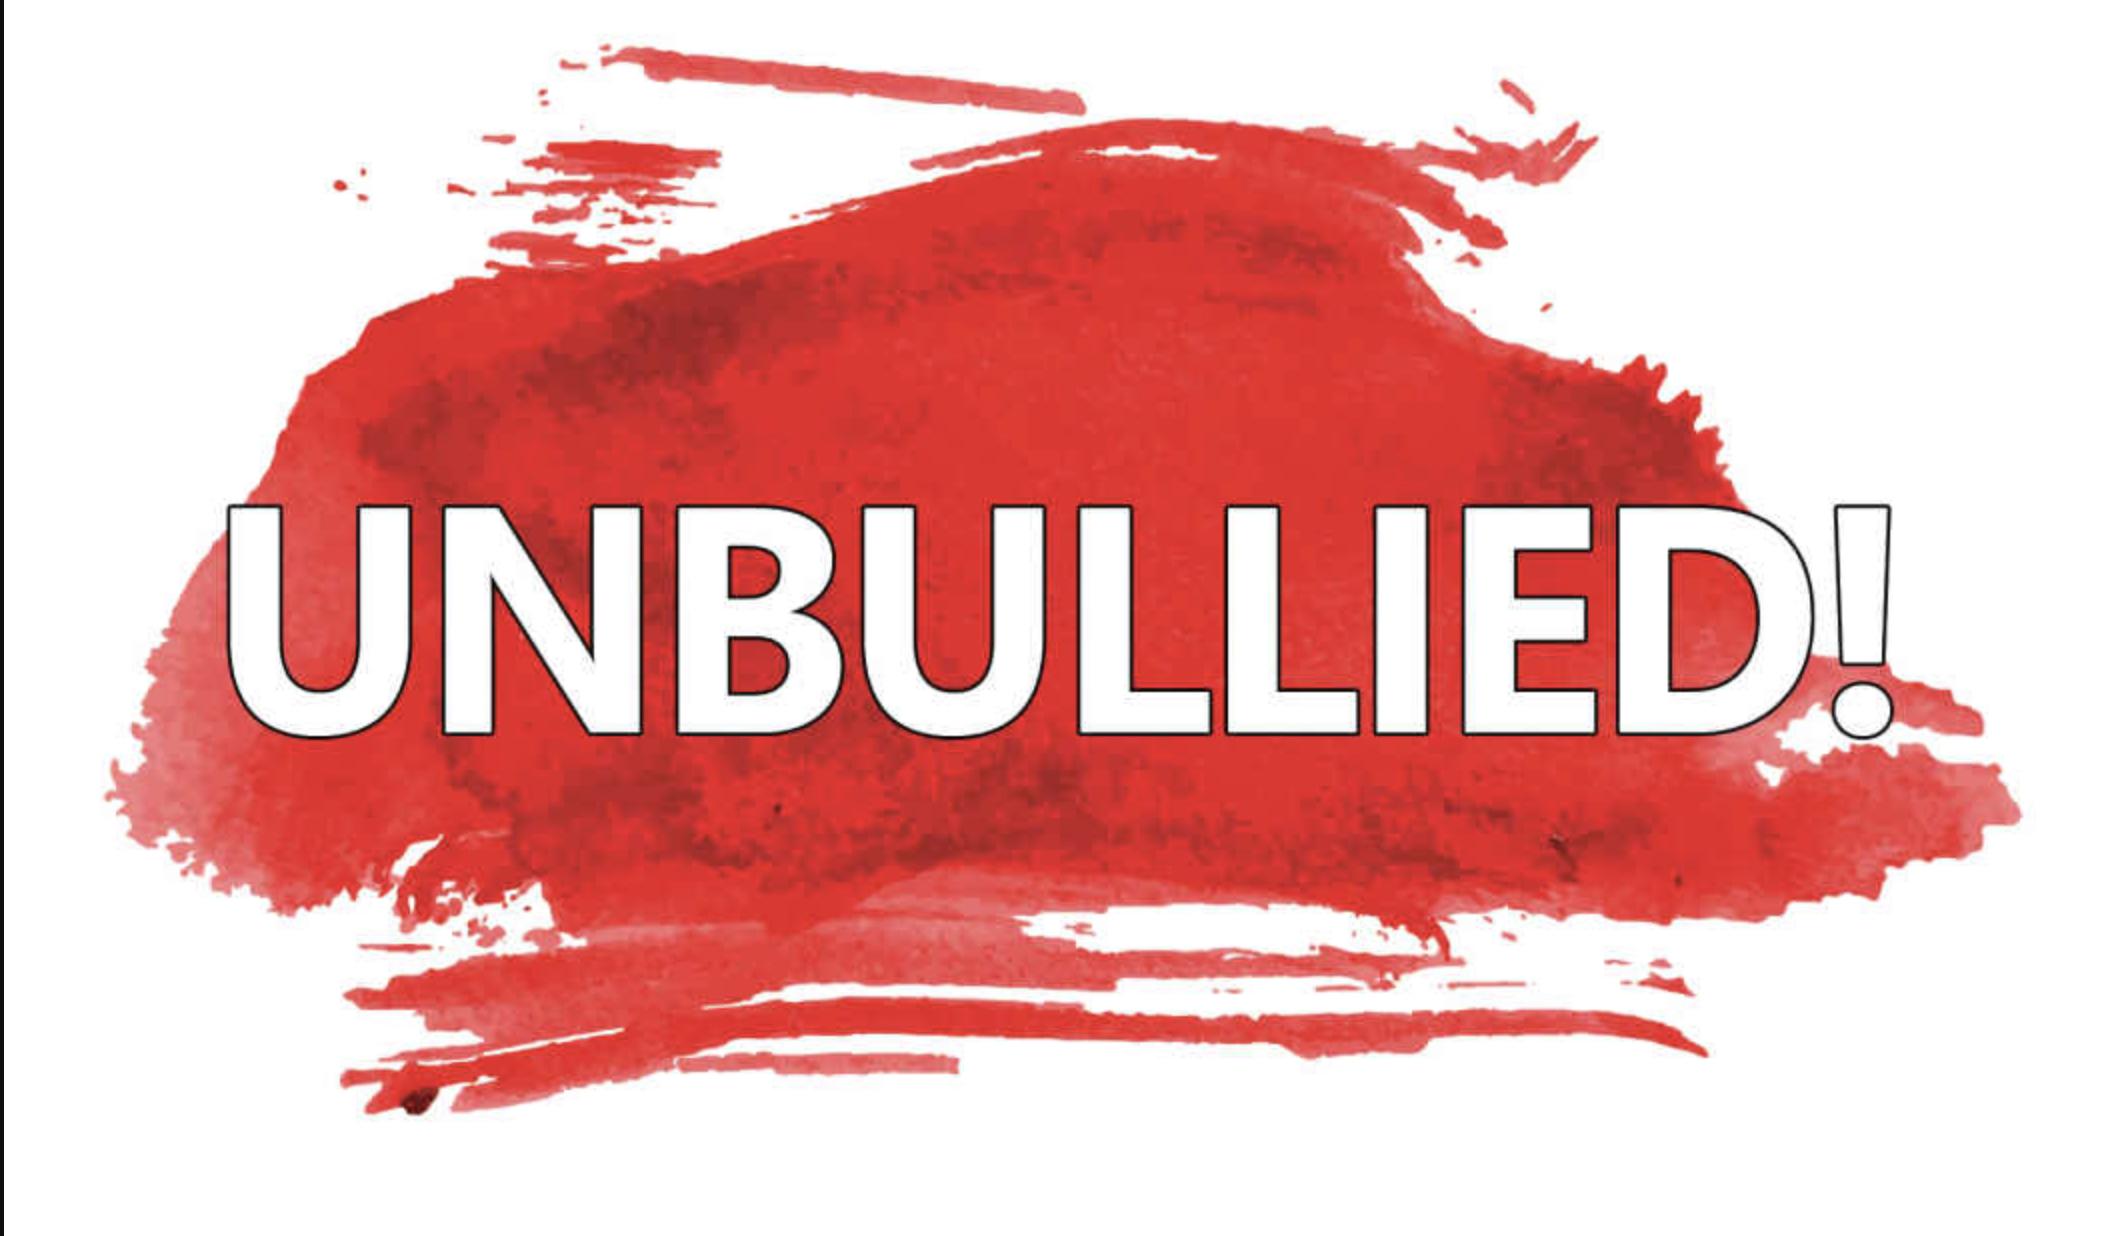 unbullied